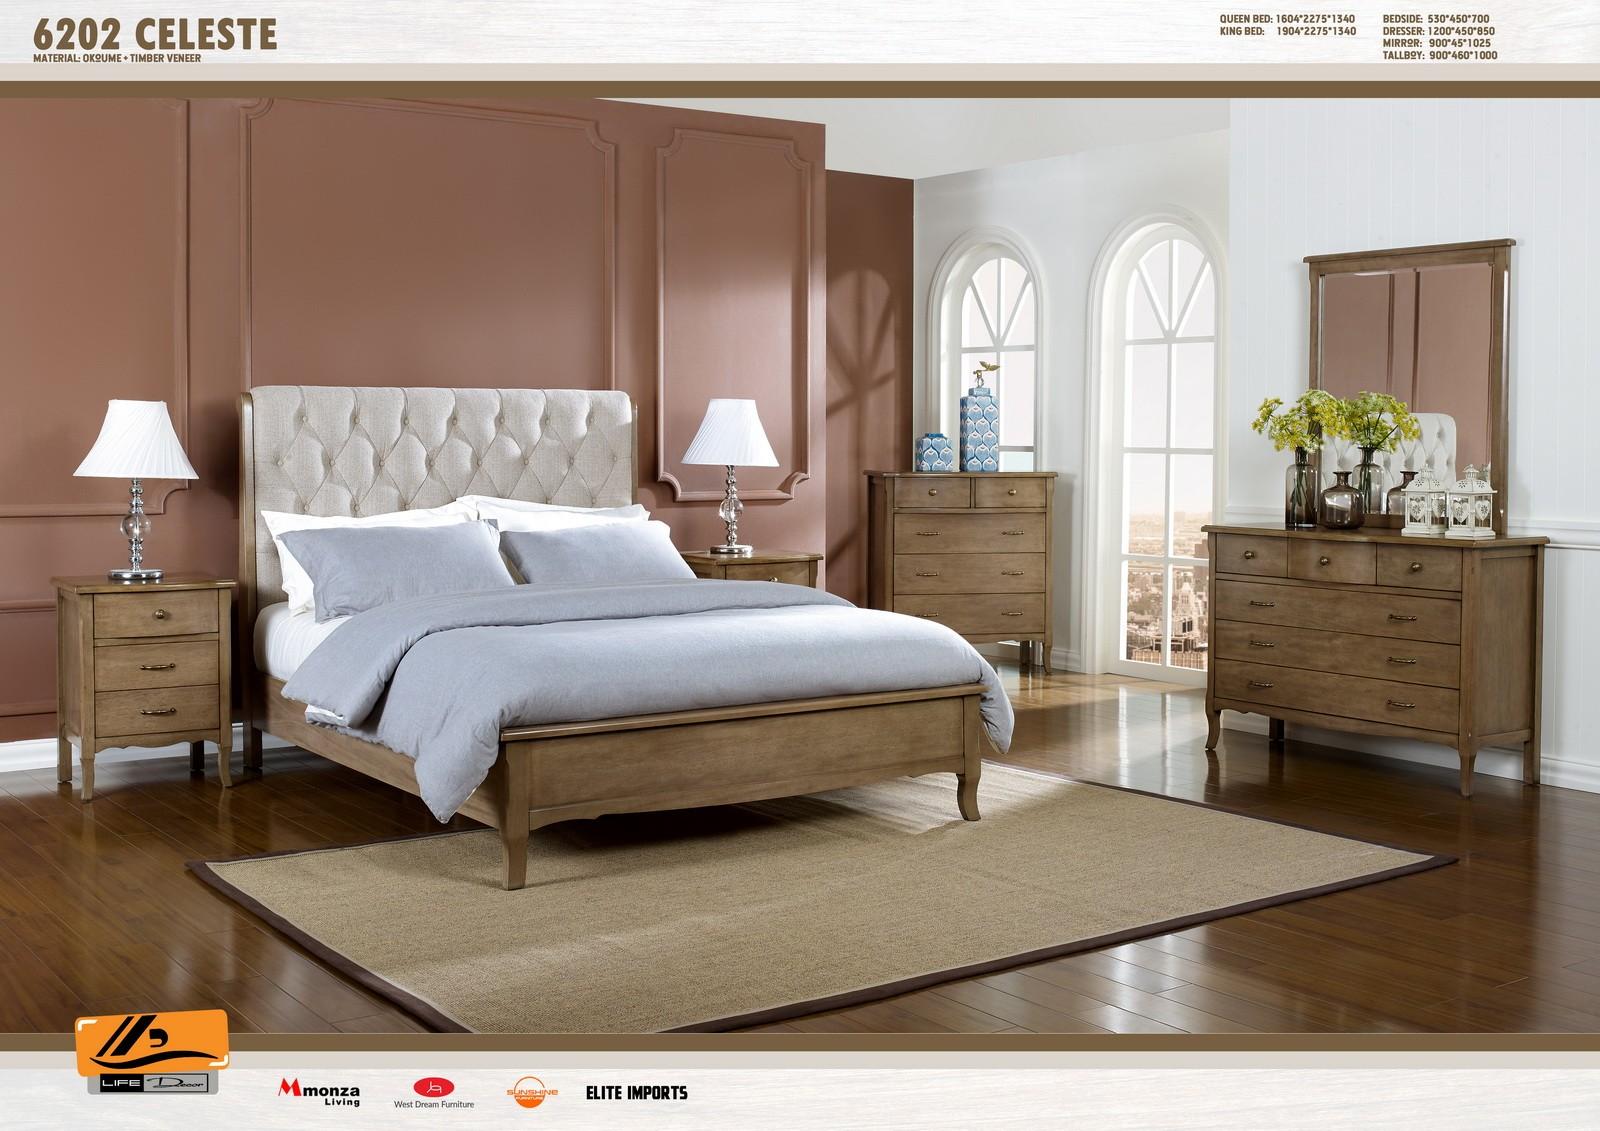 Celeste 4 Piece Bedroom Suite